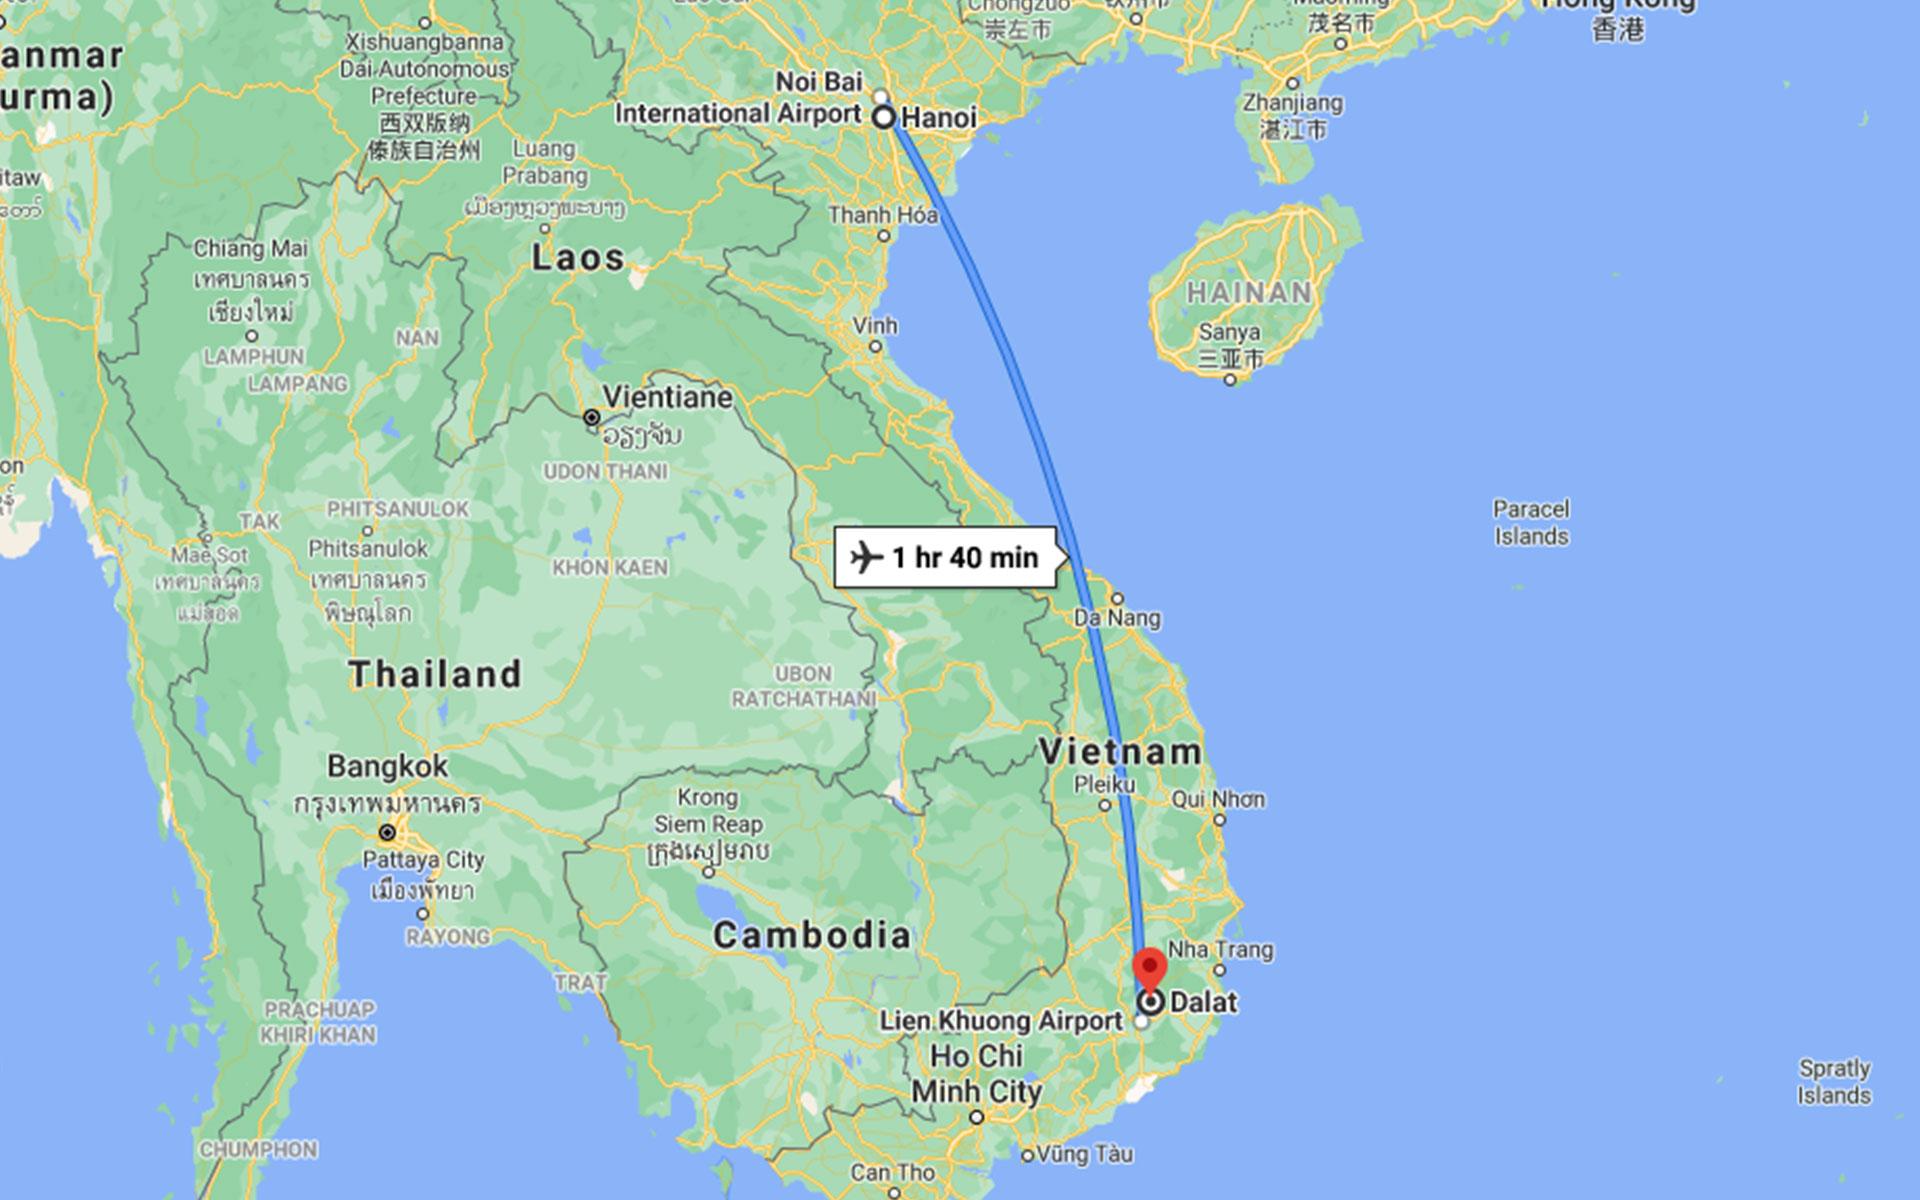 flight to Dalat from Hanoi